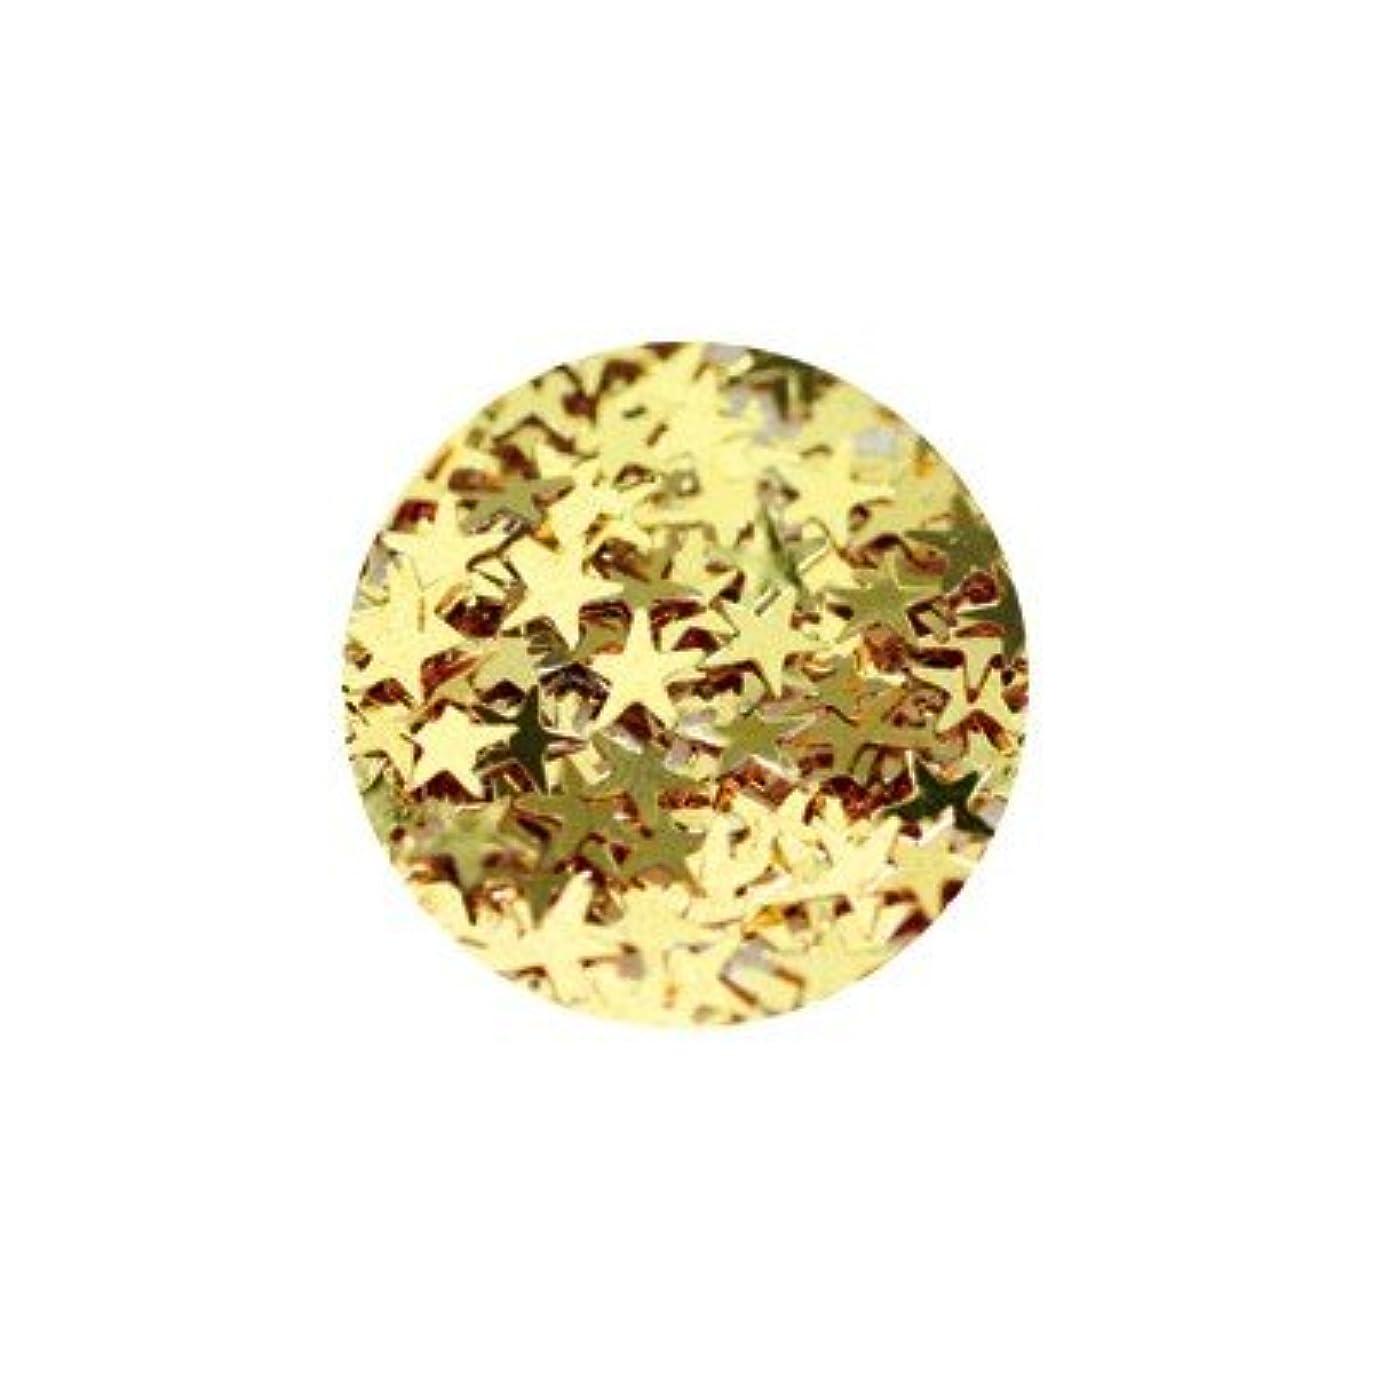 出します締め切り高価なキラキラ ゴールド スター 3mm